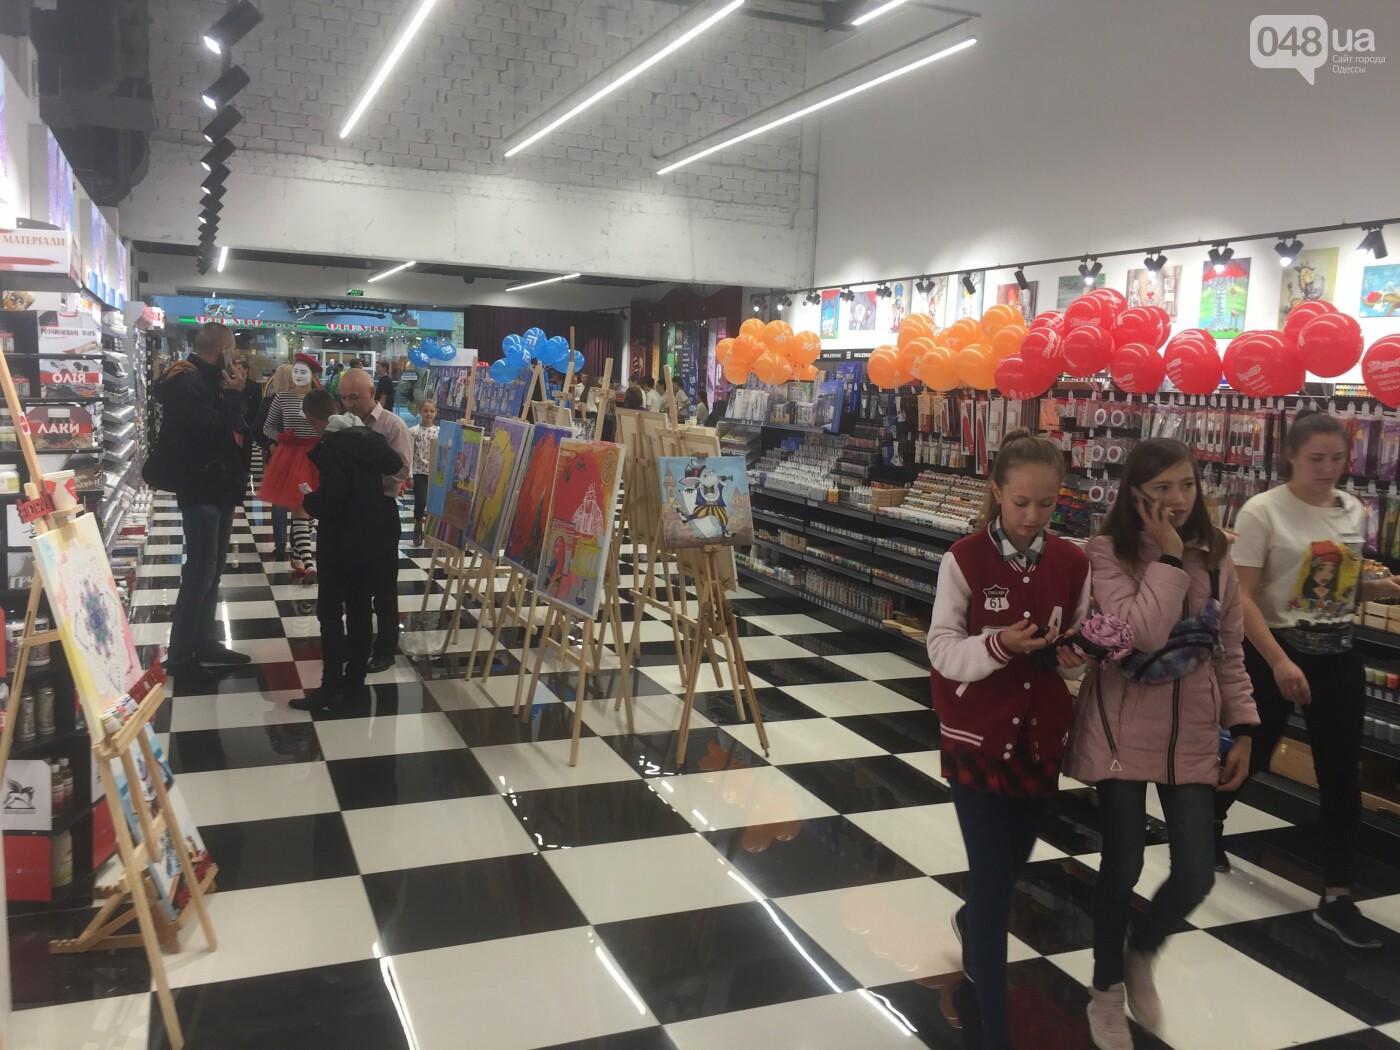 В Одессе состоялось открытие Creative Mall: уникальный формат супермаркета канцтоваров становится ближе , фото-11